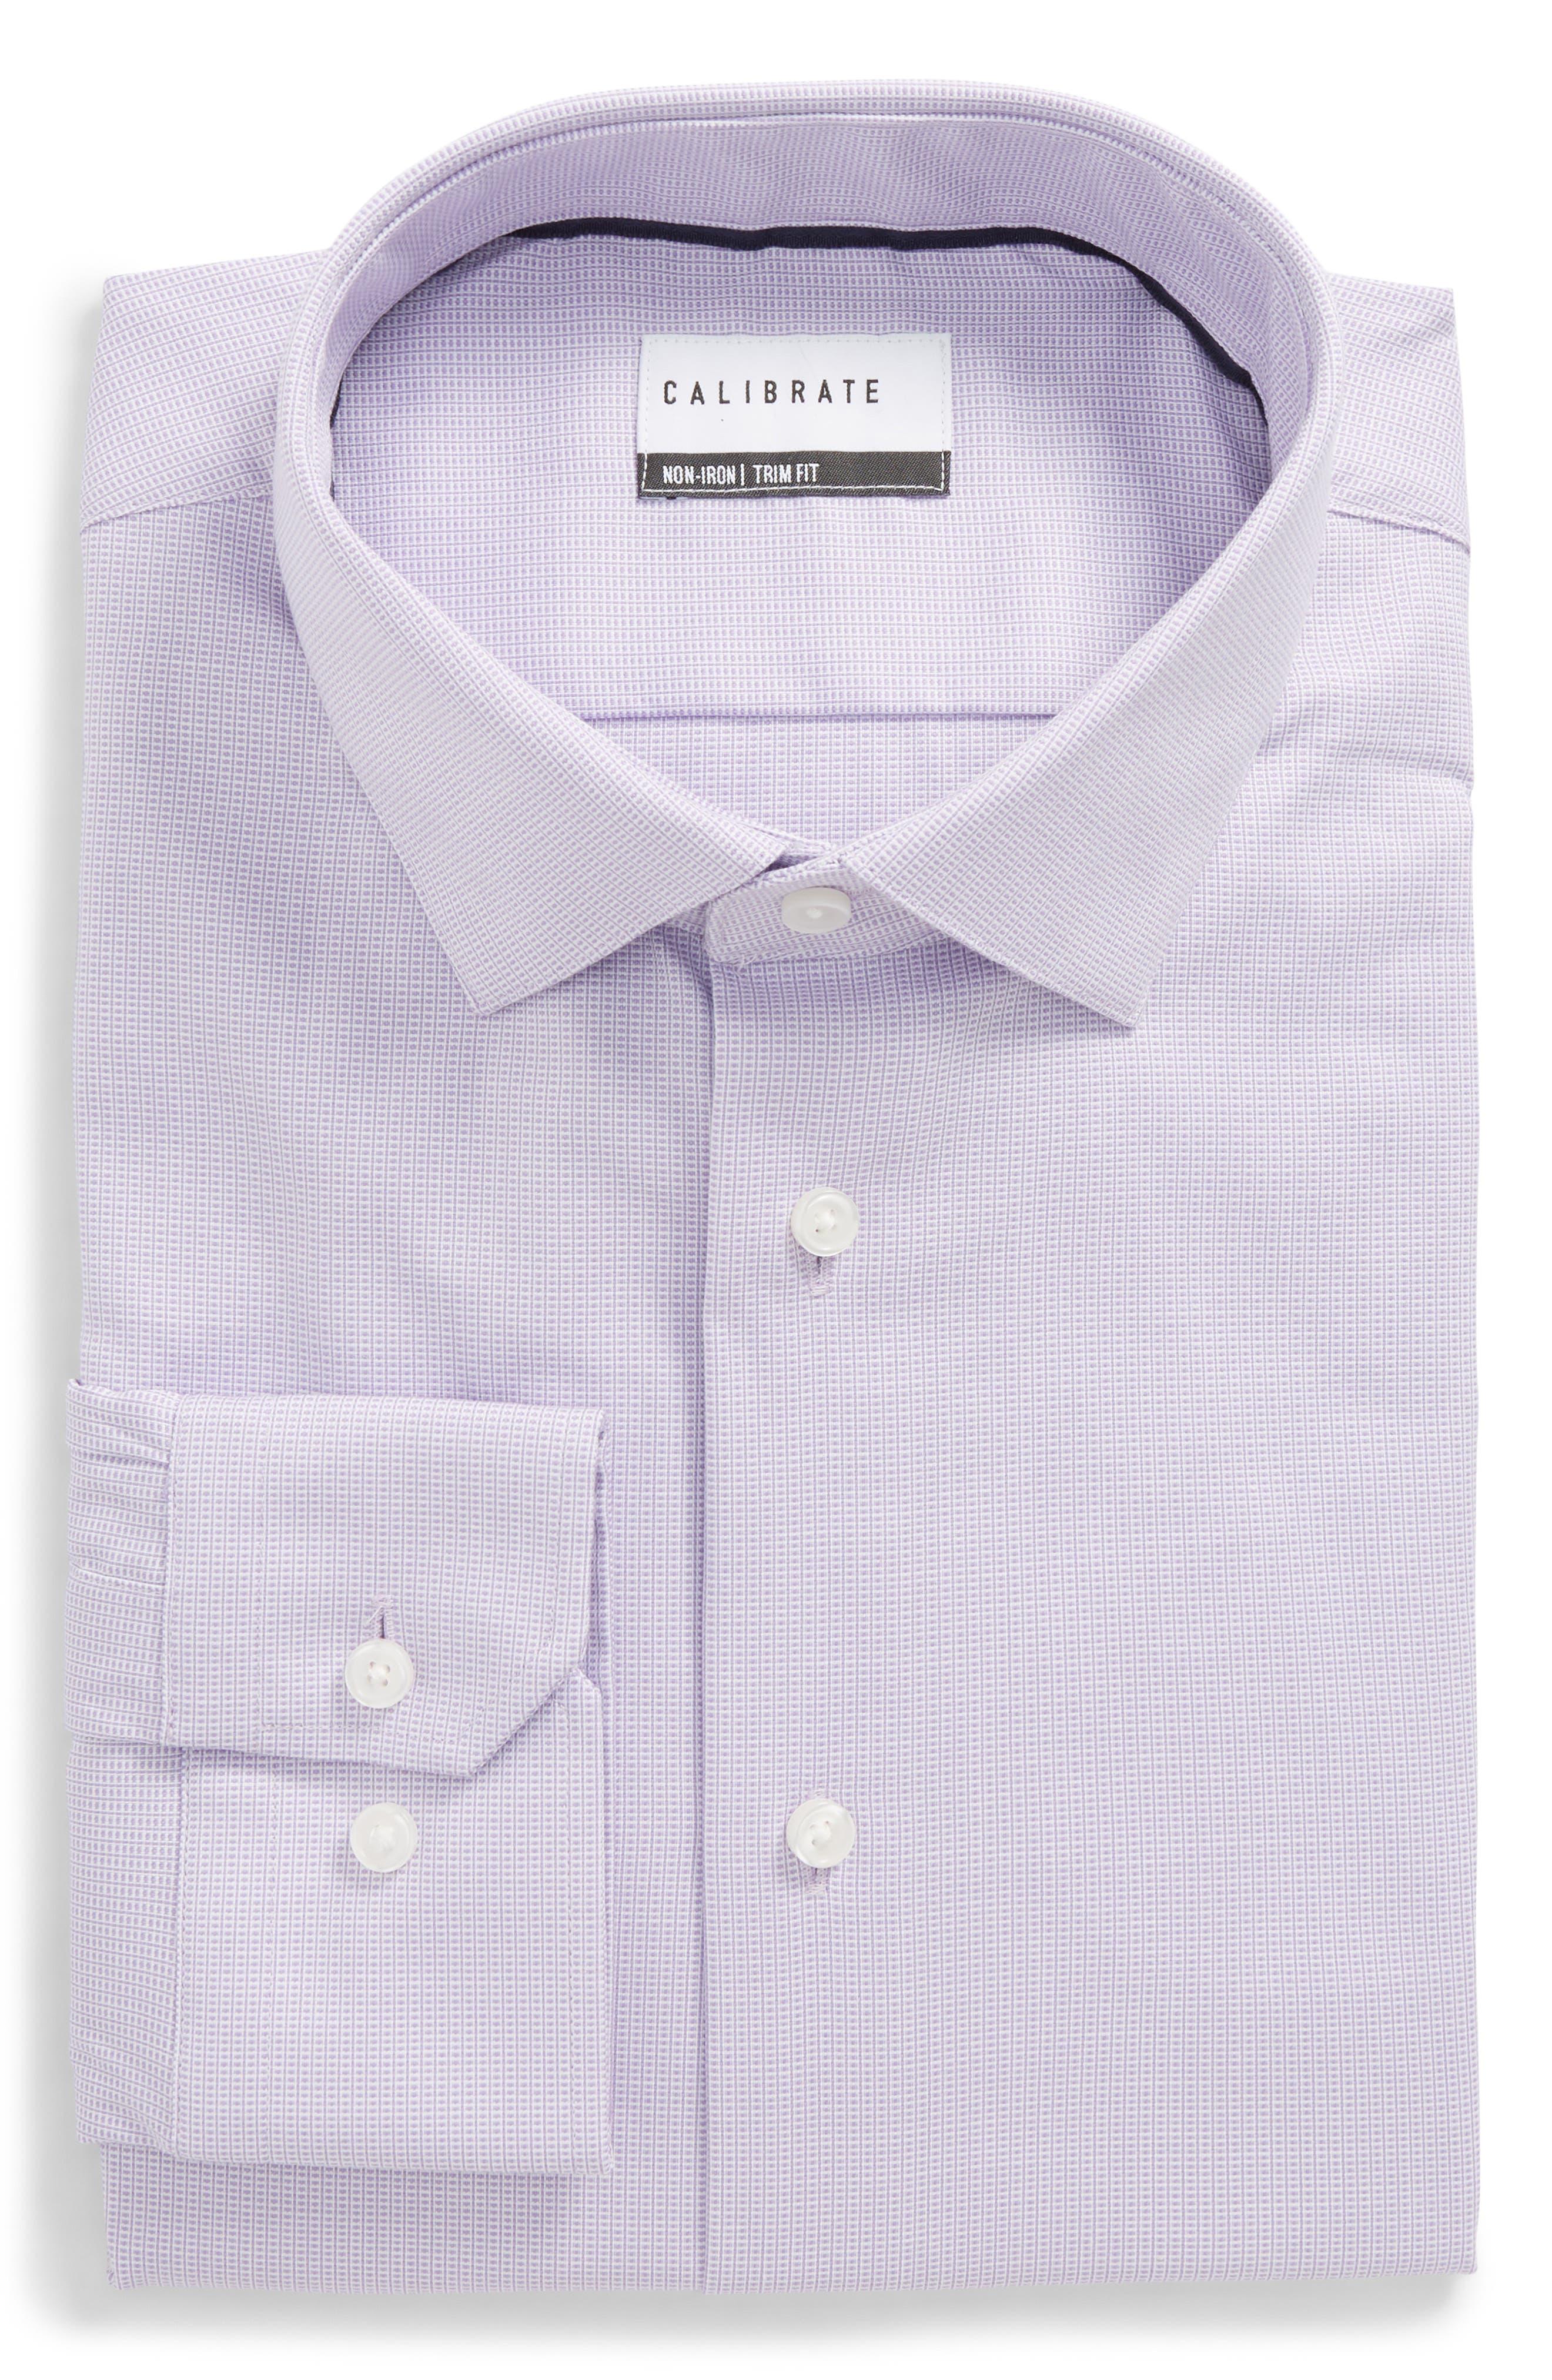 Trim Fit Non-Iron Stretch Dress Shirt,                         Main,                         color, Purple Rapsody